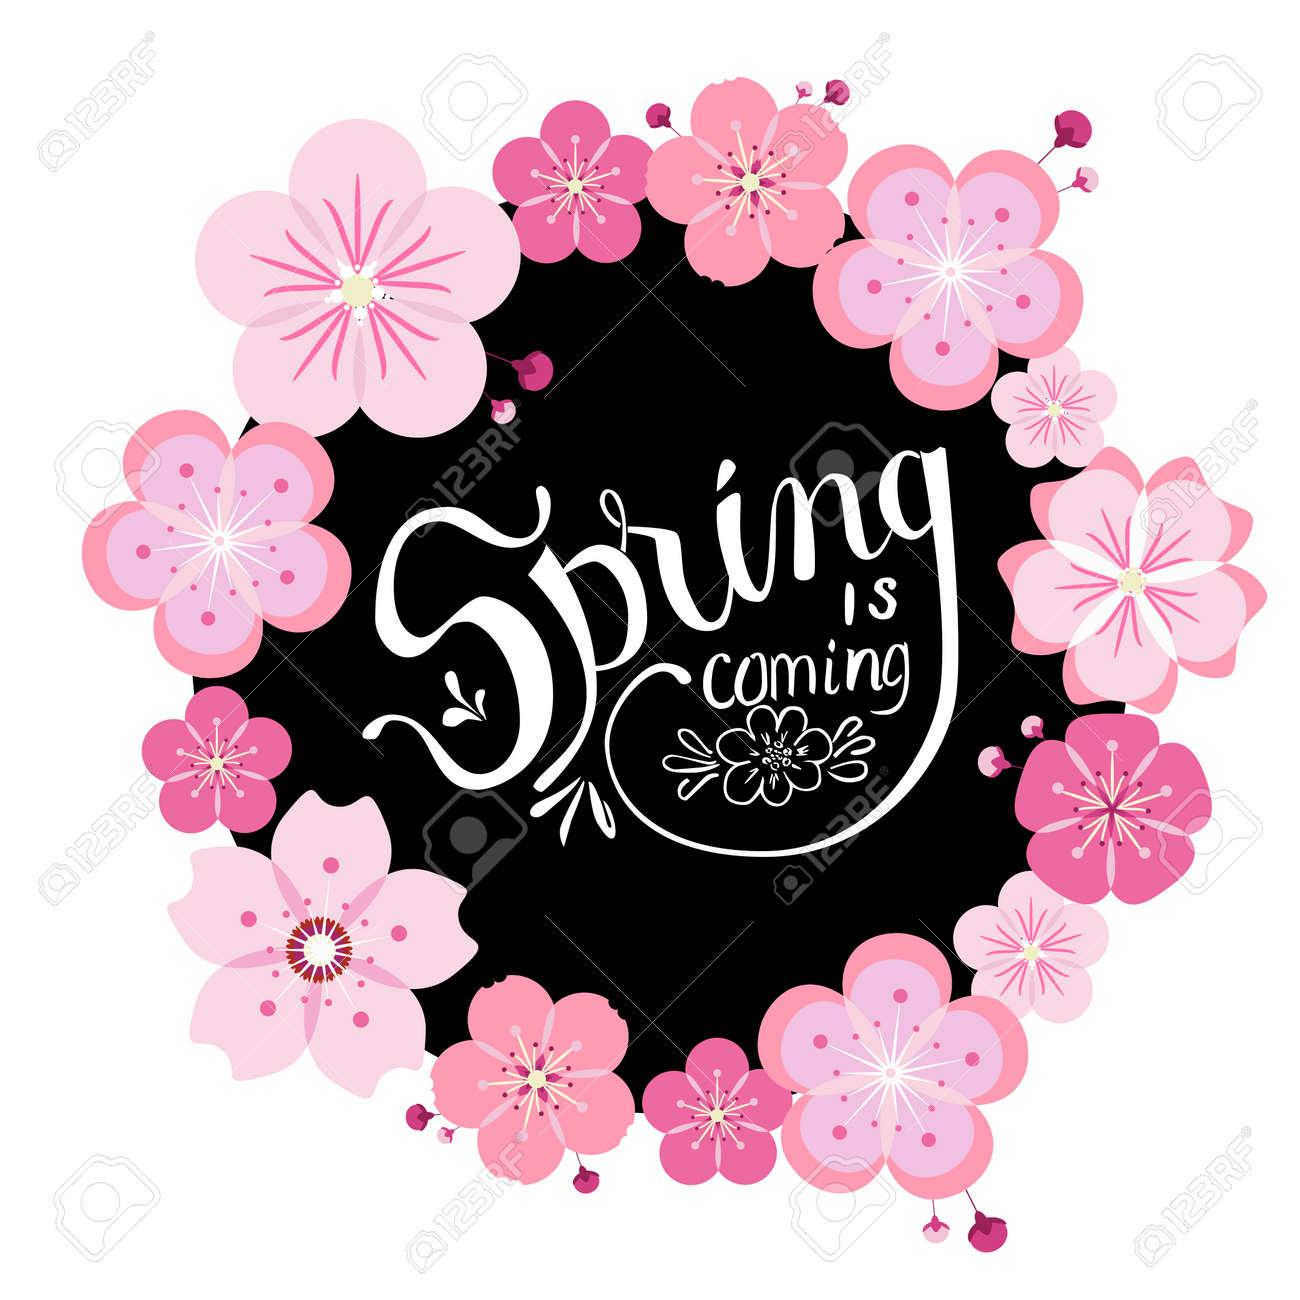 桜が咲き黒丸白手描き春のレタリングと綺麗なリースのイラスト